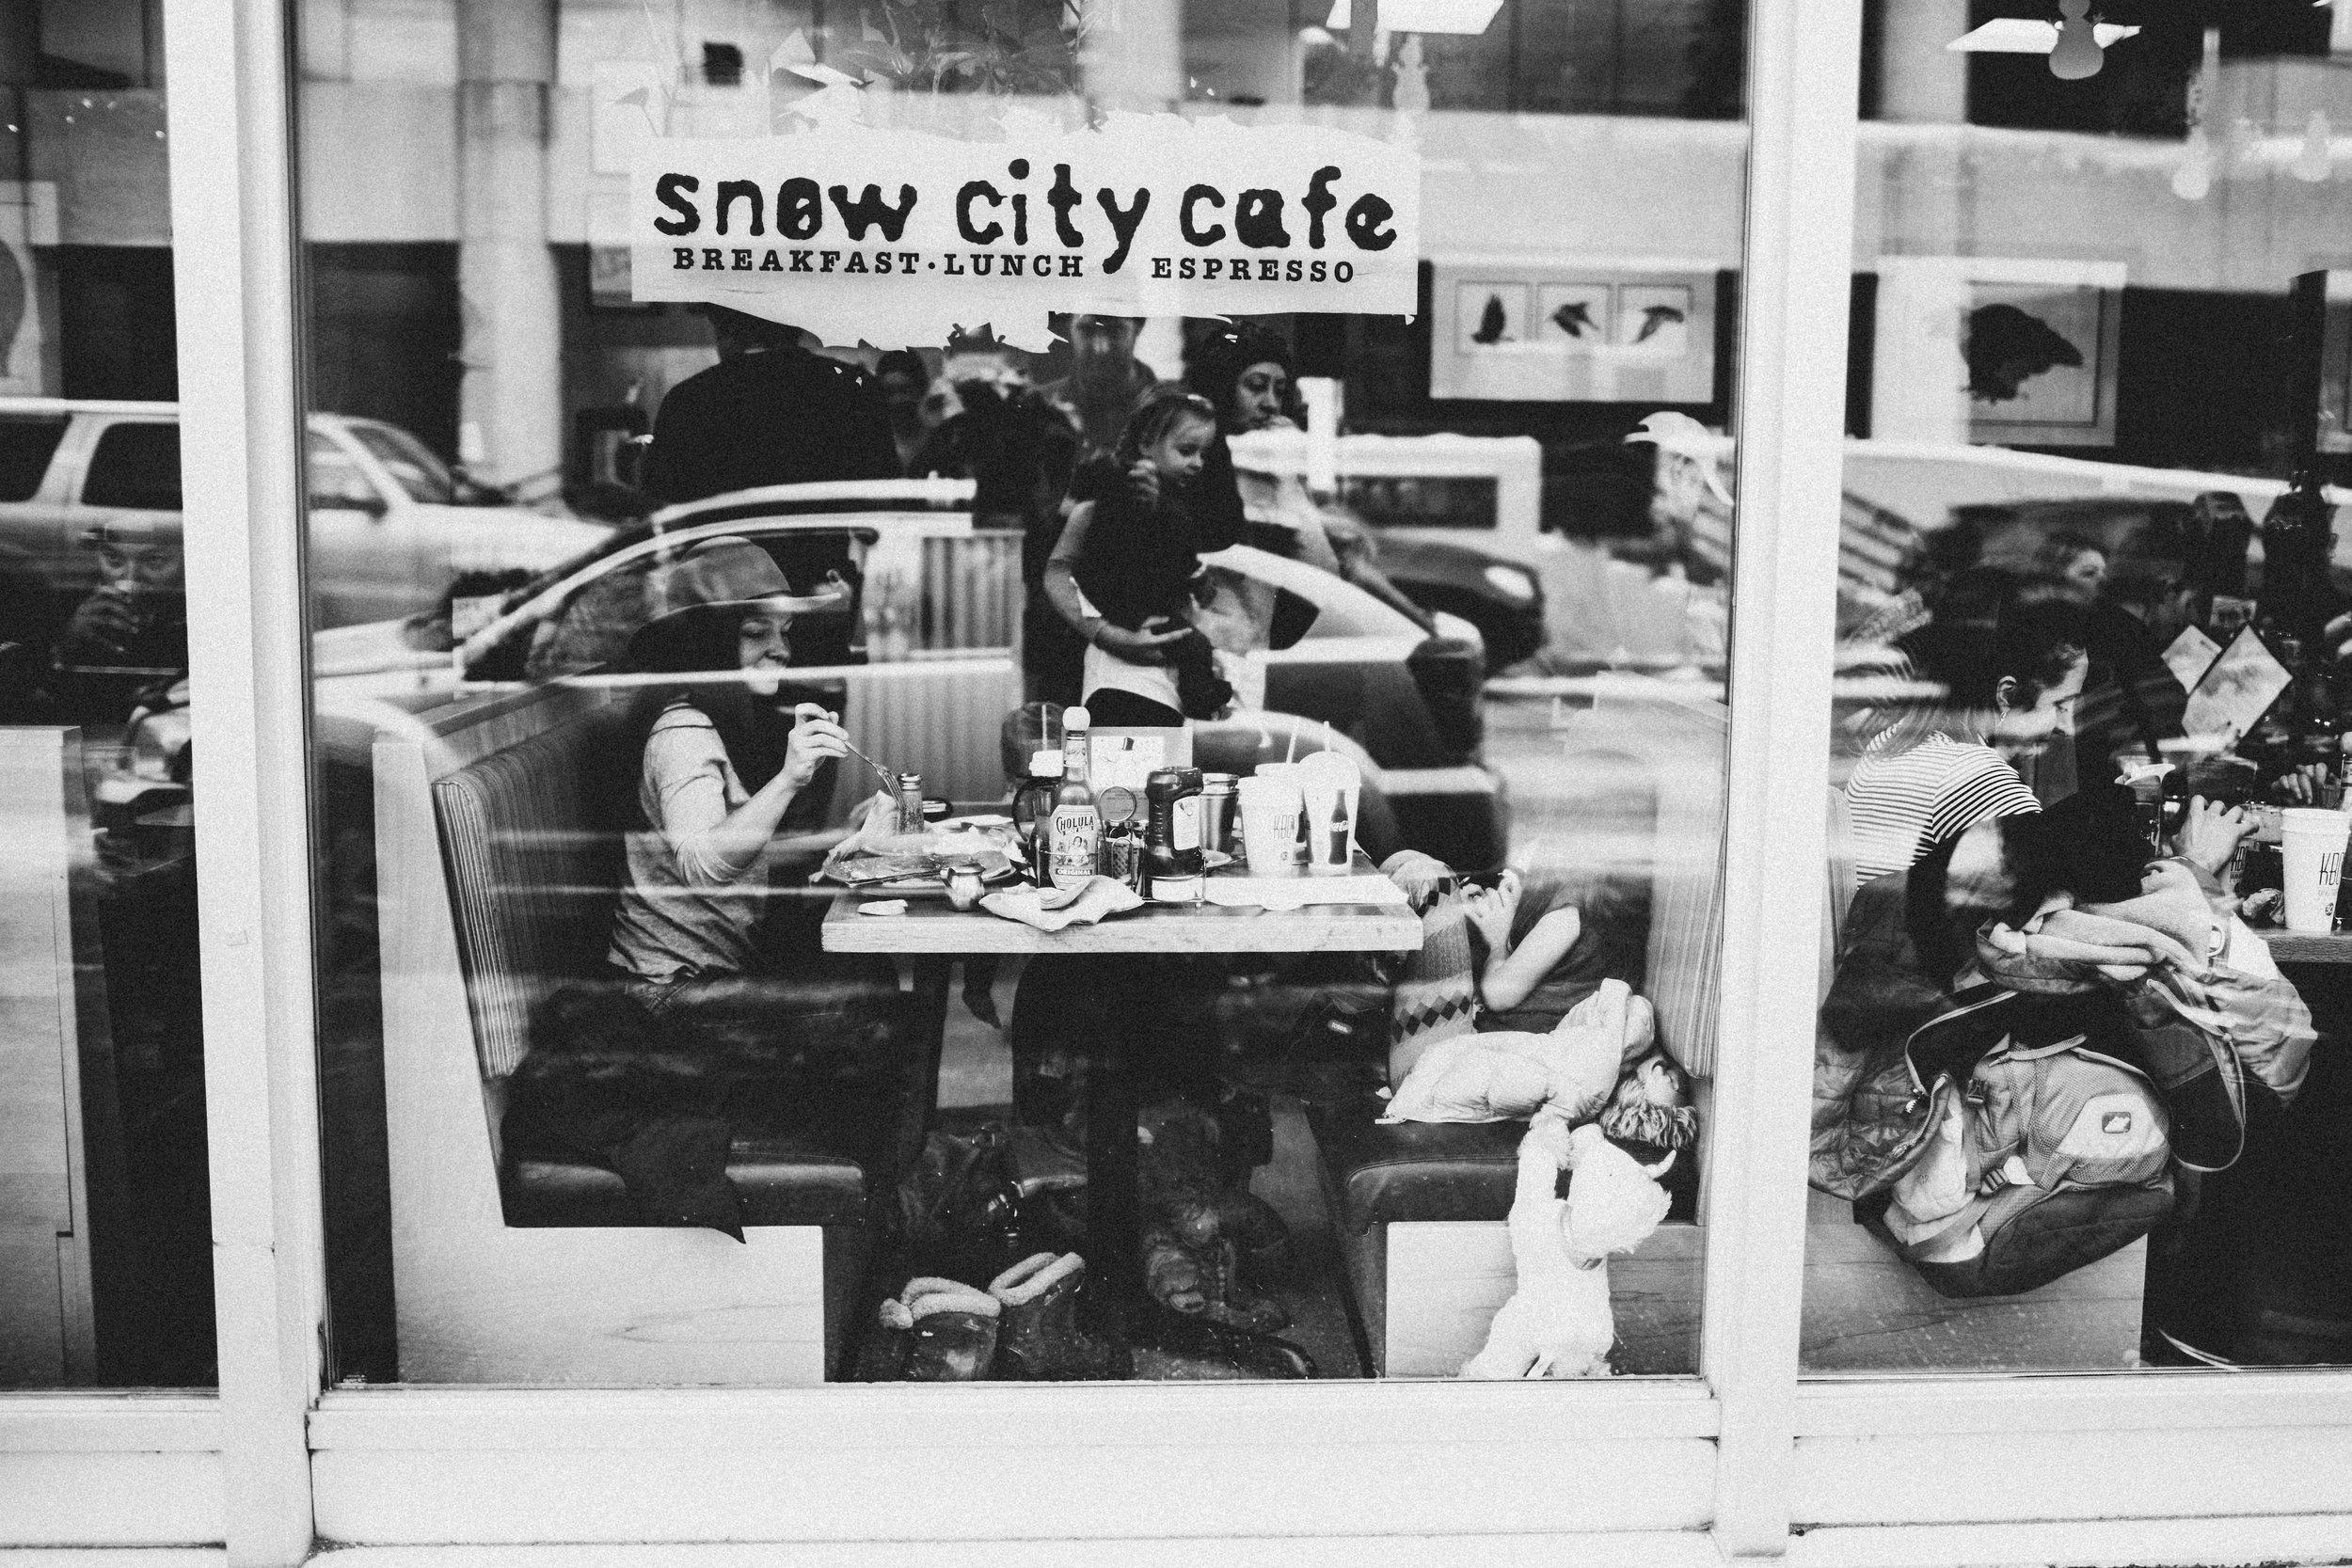 snowcitycafeanchorage-3-2.jpg